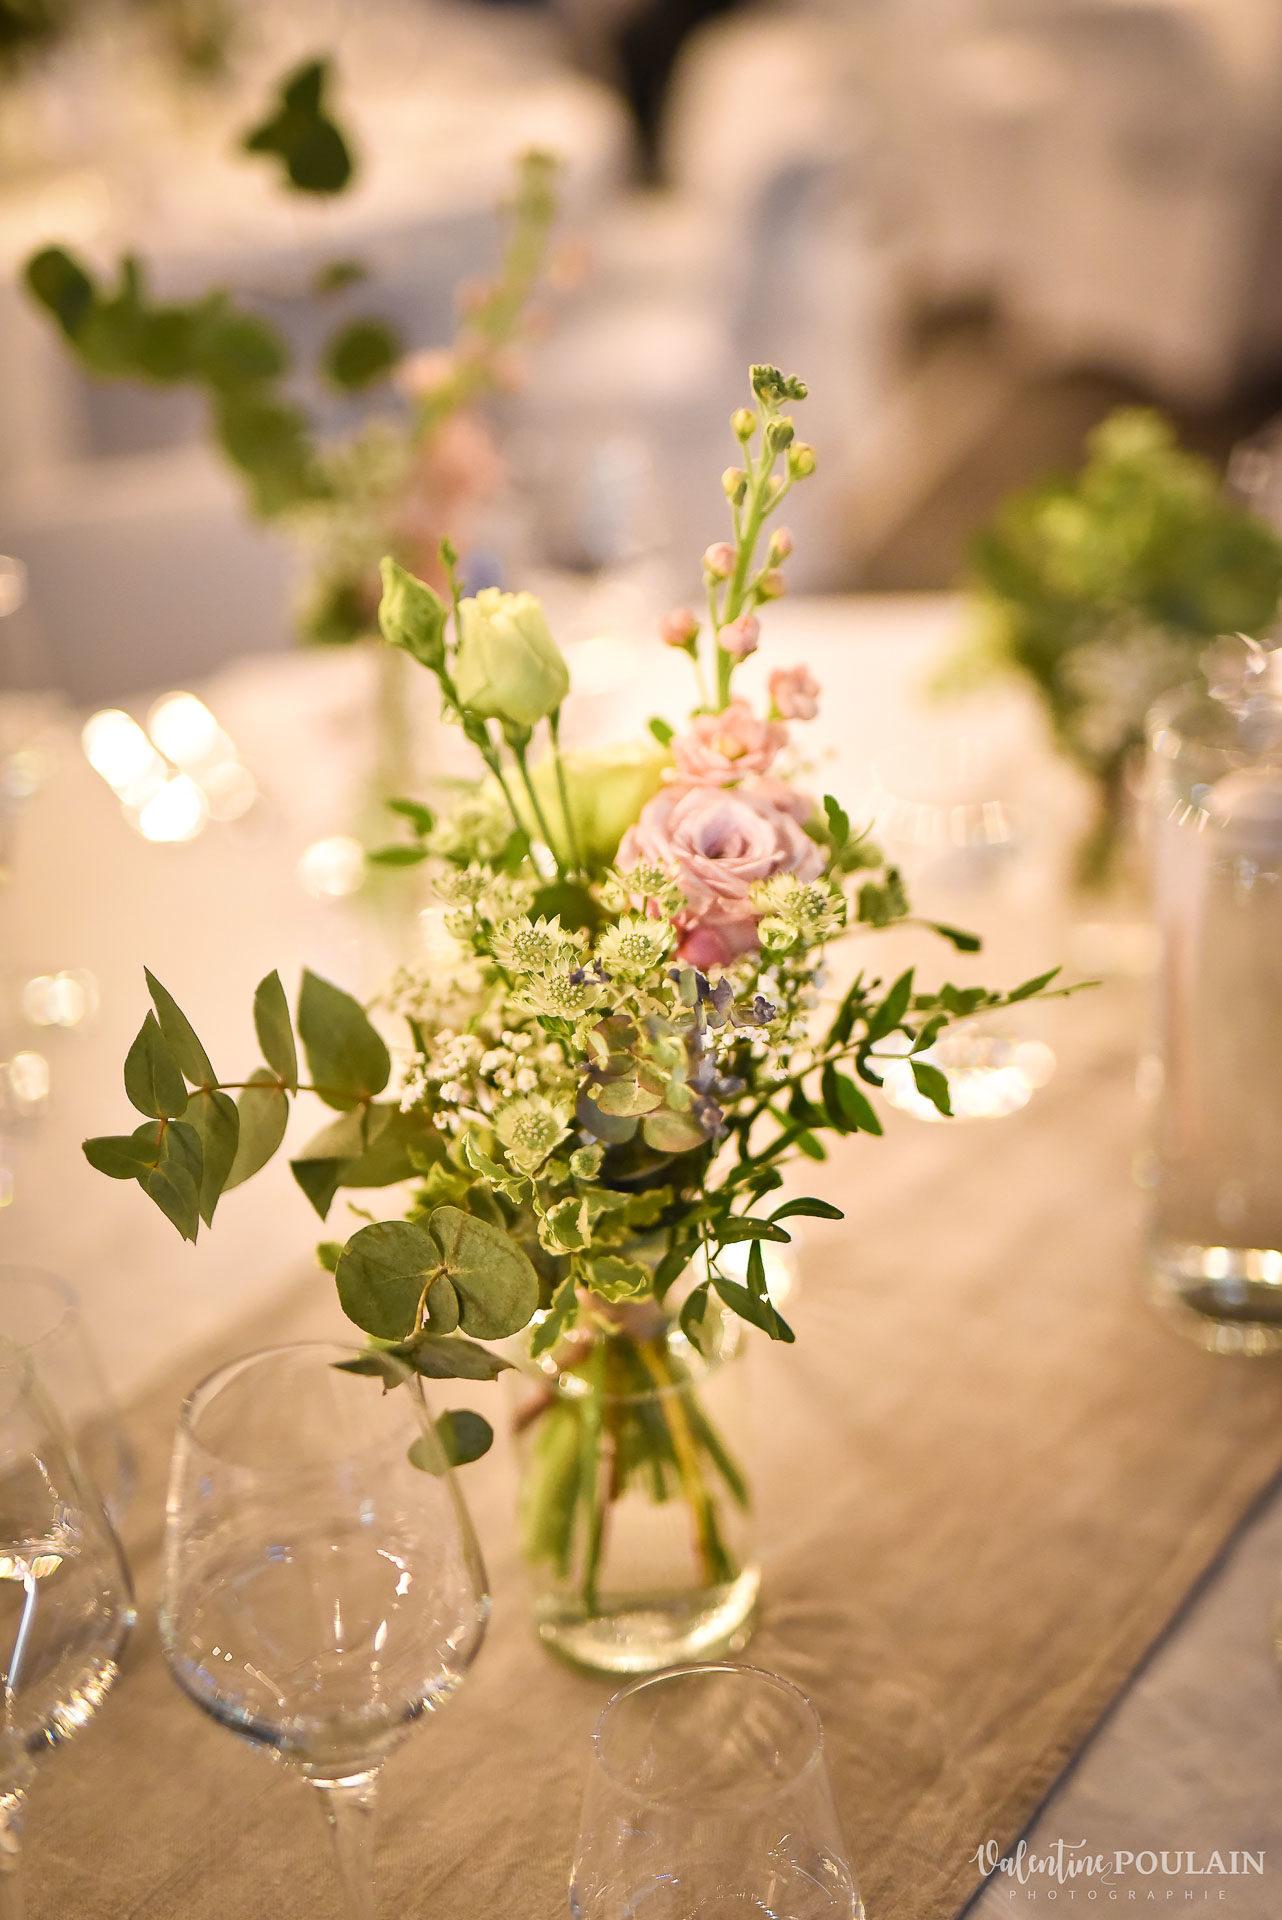 Mariage cité du train fleur table - Valentine Poulain